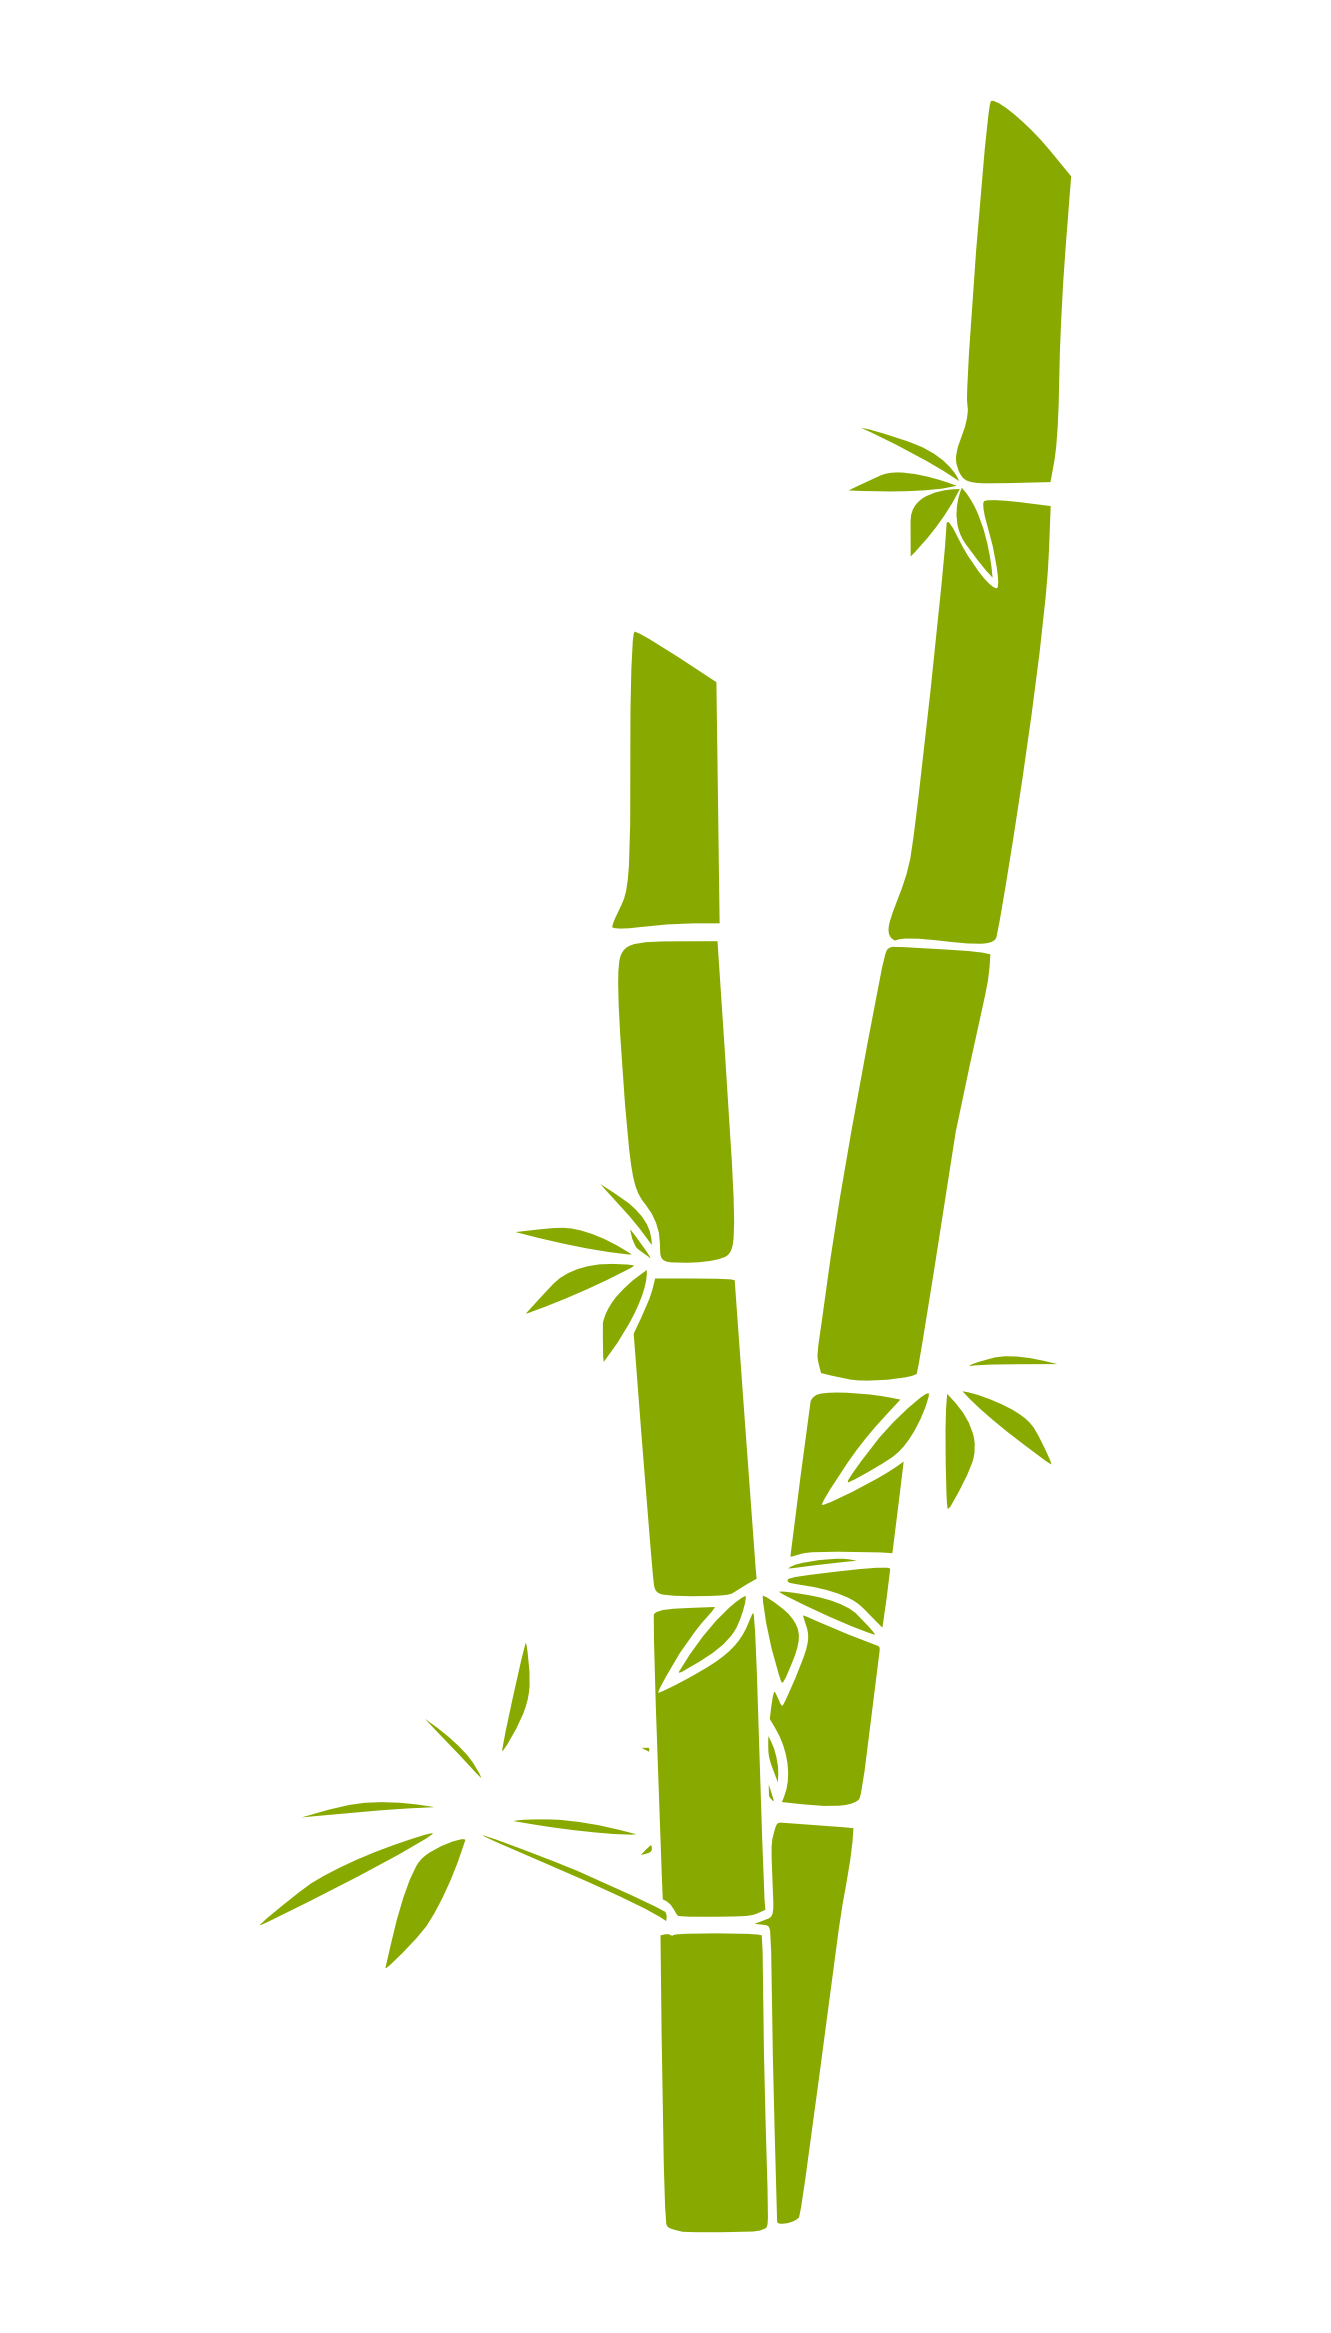 Panda bamboo stick